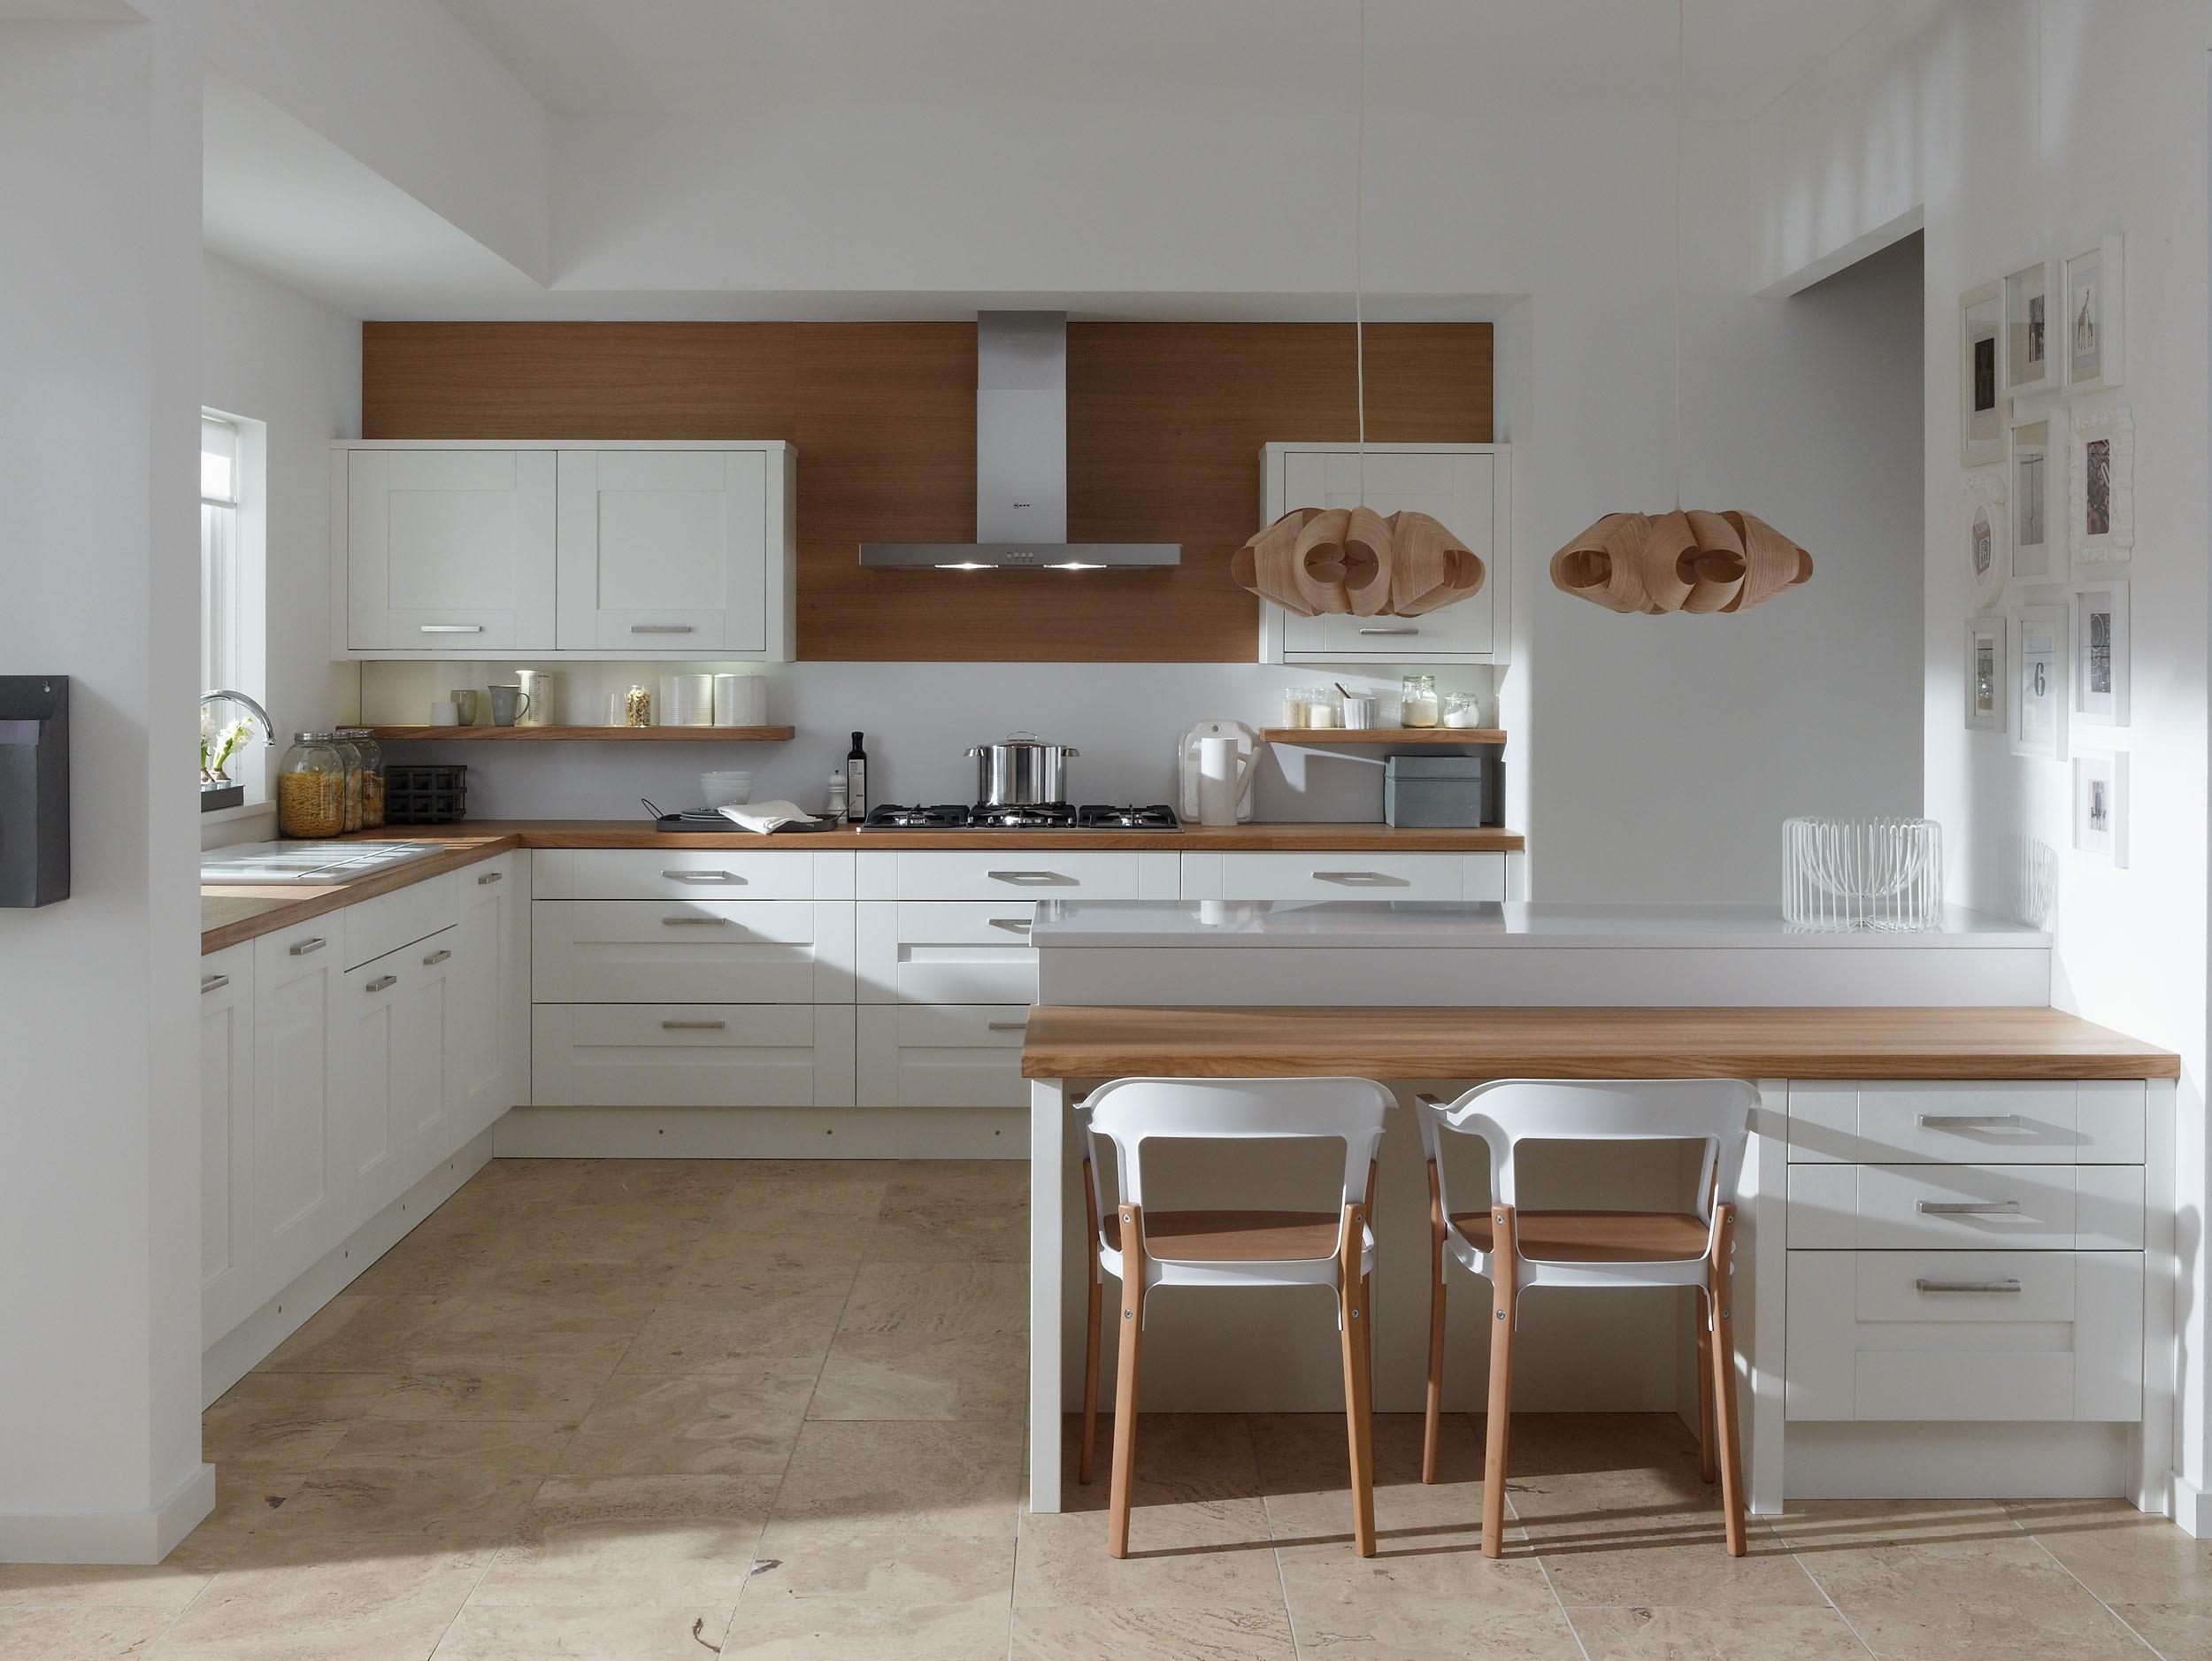 Come arredare una cucina con mobili bianchi e legno